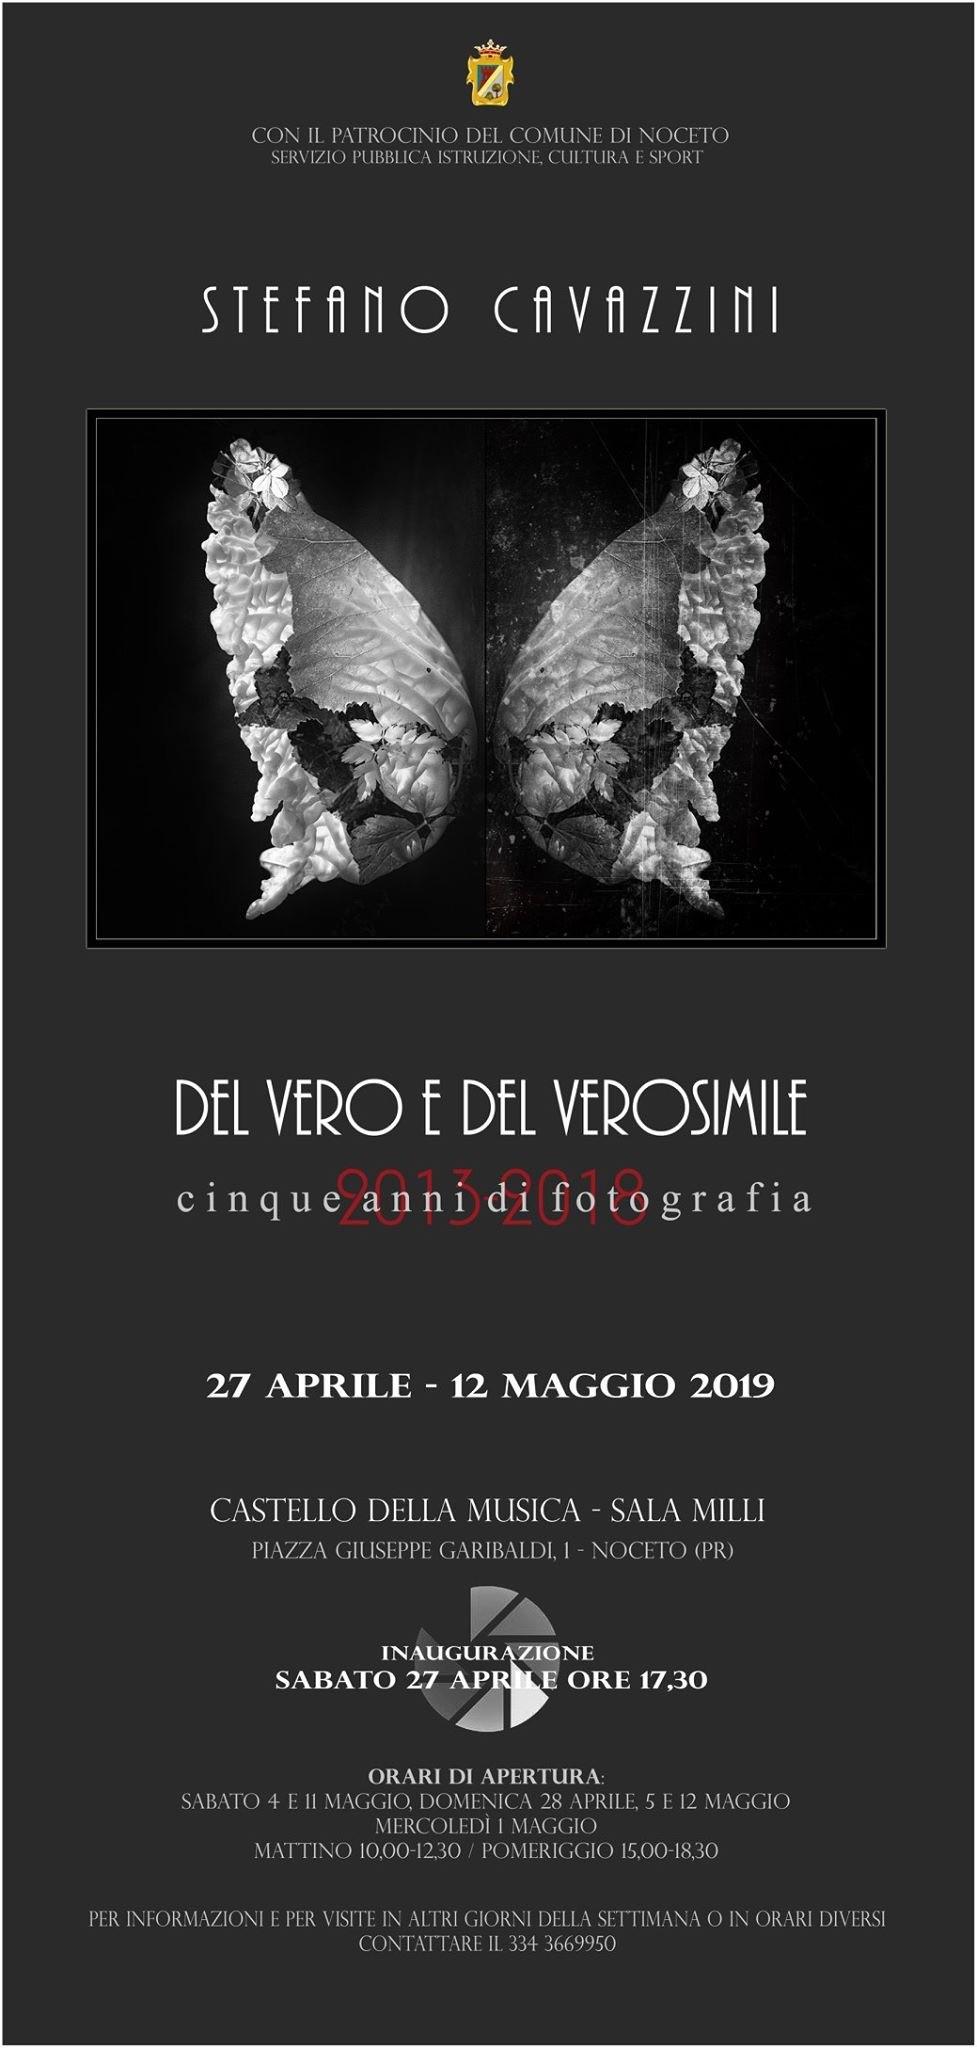 Mostra Fotografica di Stefano Cavazzini al Castello della Musica